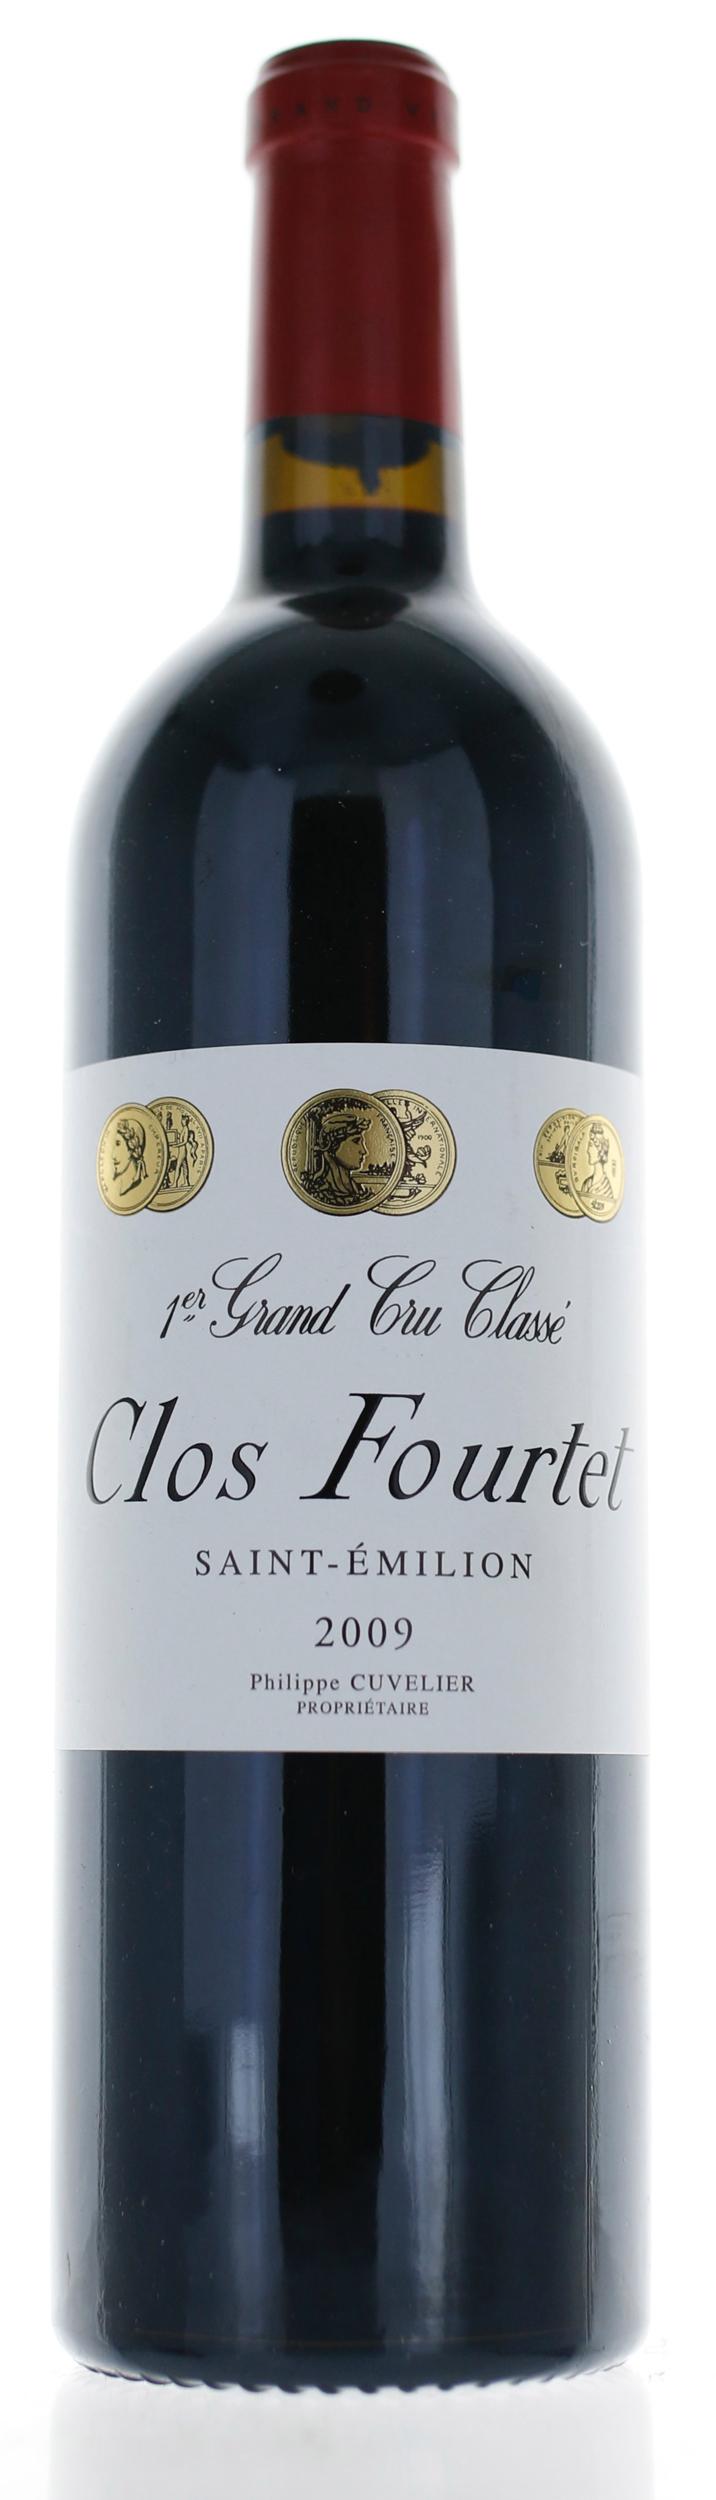 Saint Emilion - Château Clos Fourtet - 2009